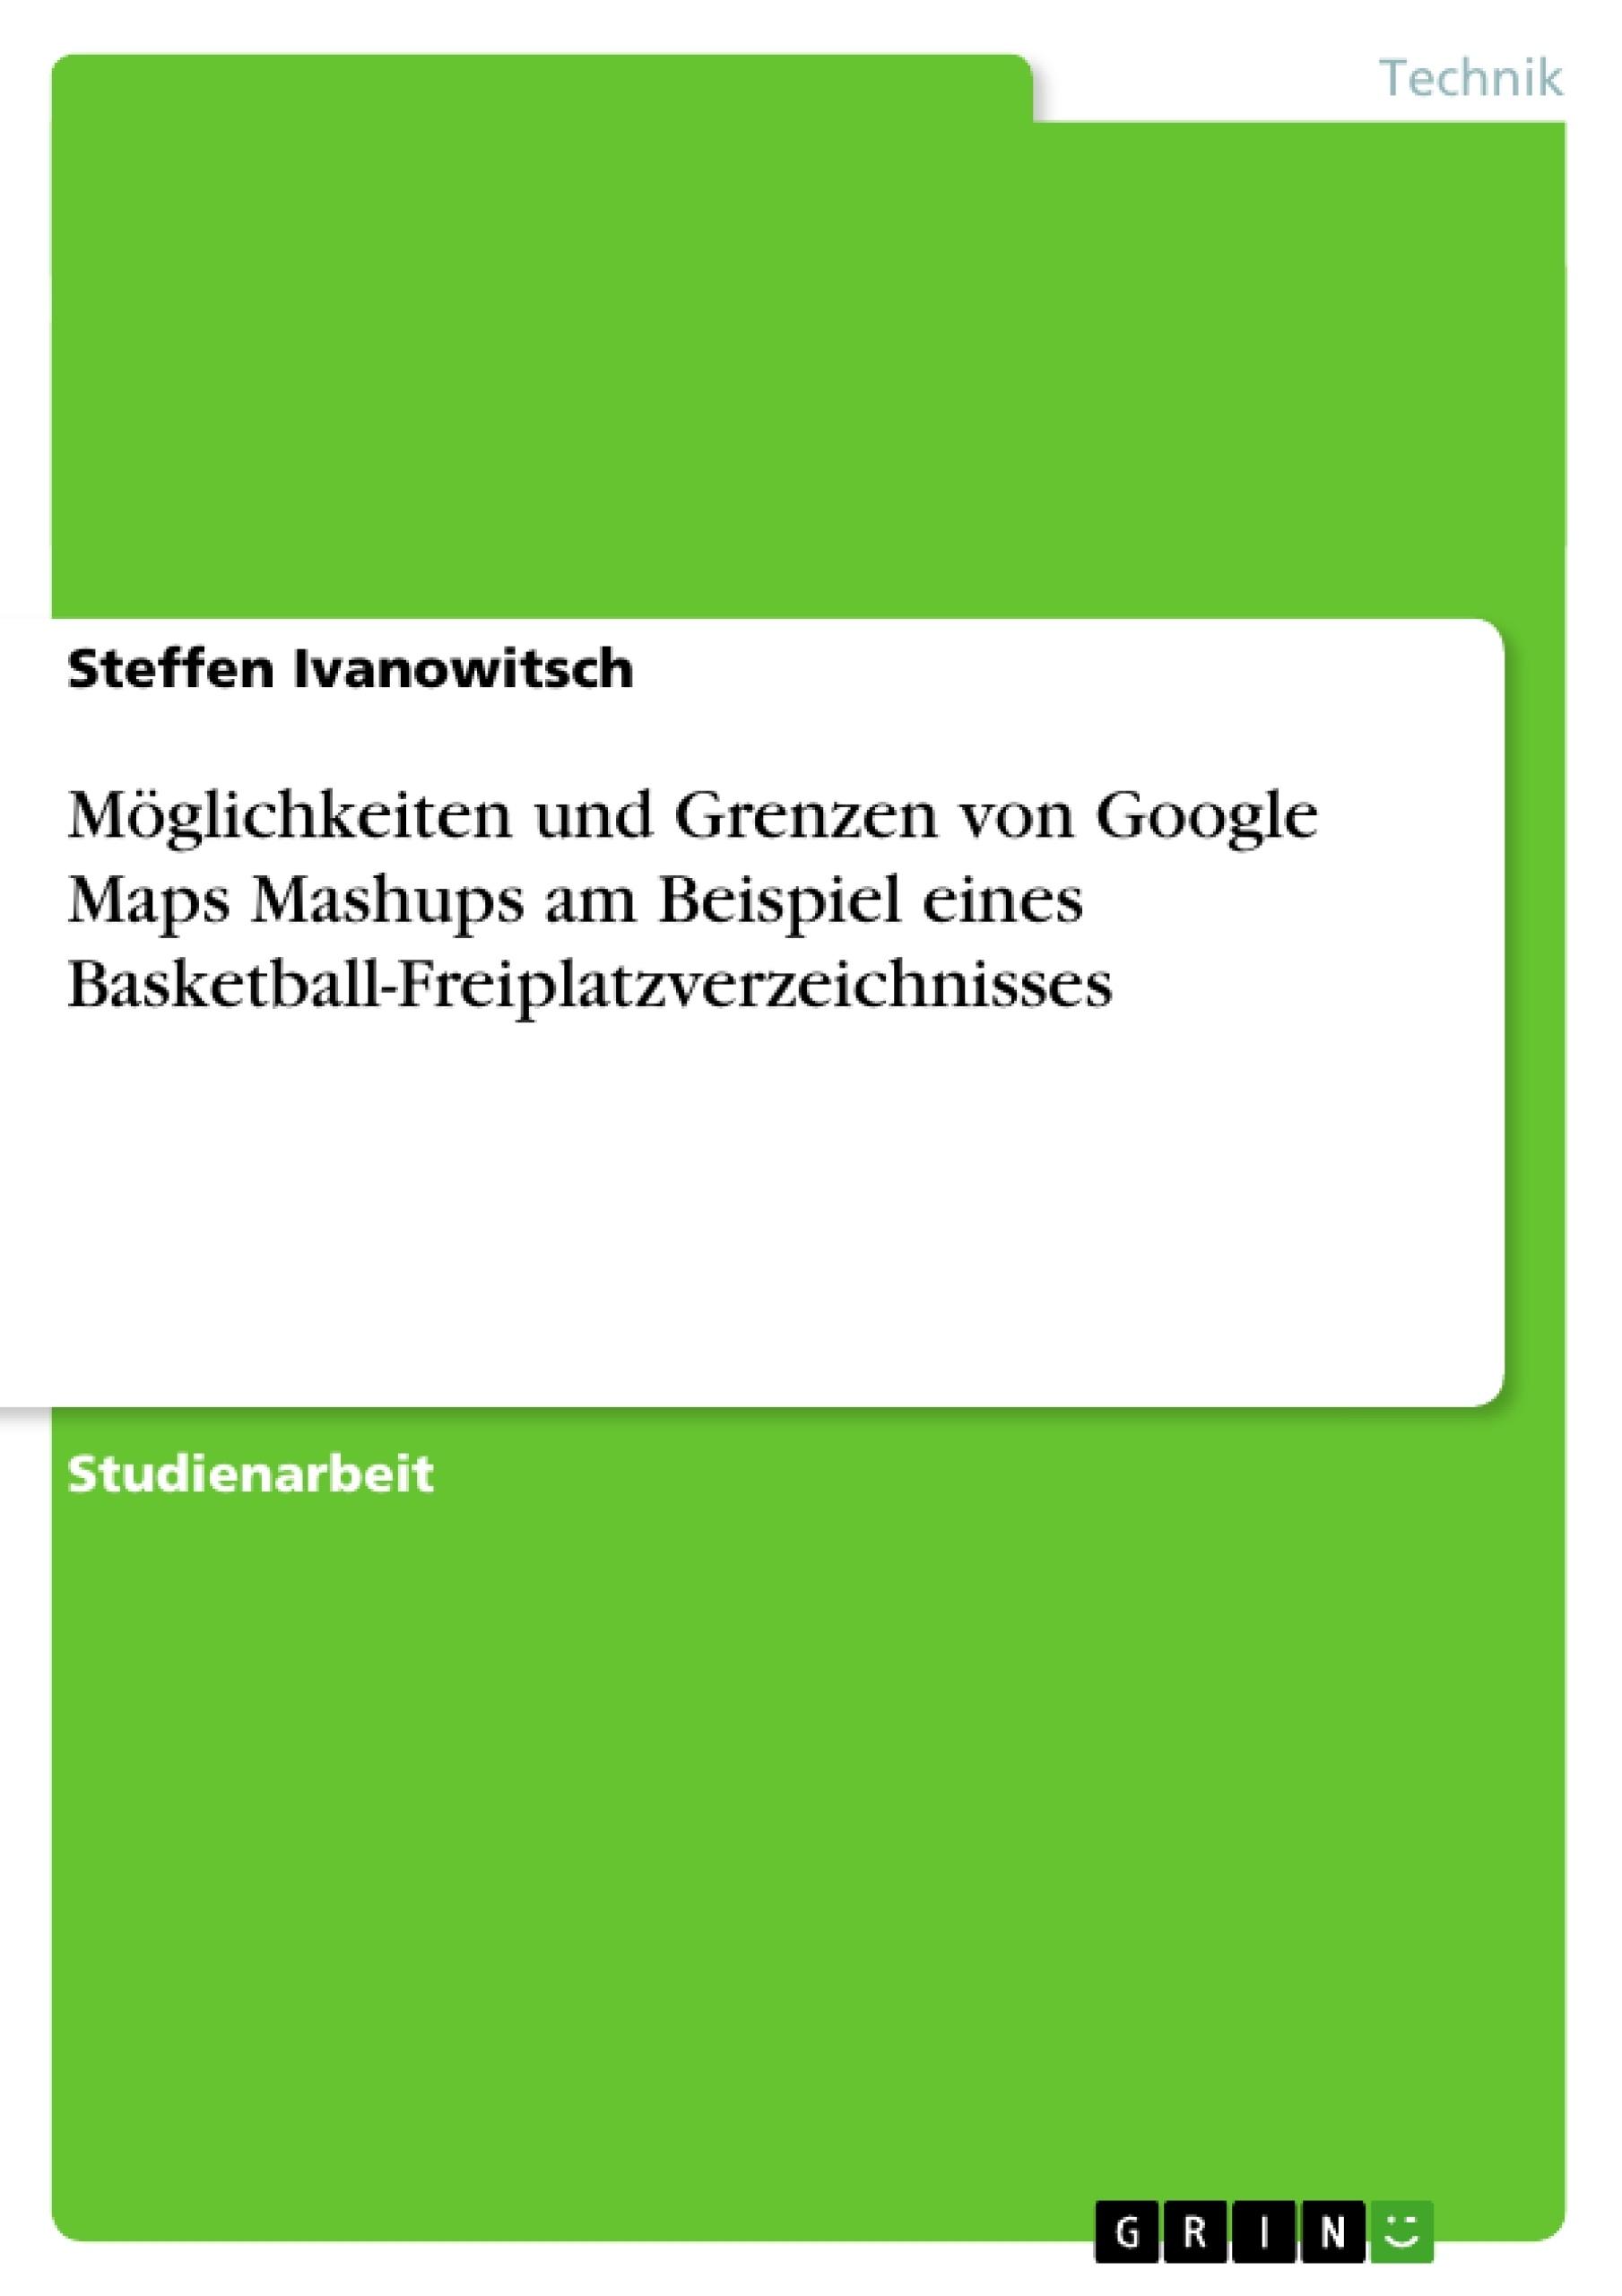 Titel: Möglichkeiten und Grenzen von Google Maps Mashups am Beispiel eines Basketball-Freiplatzverzeichnisses